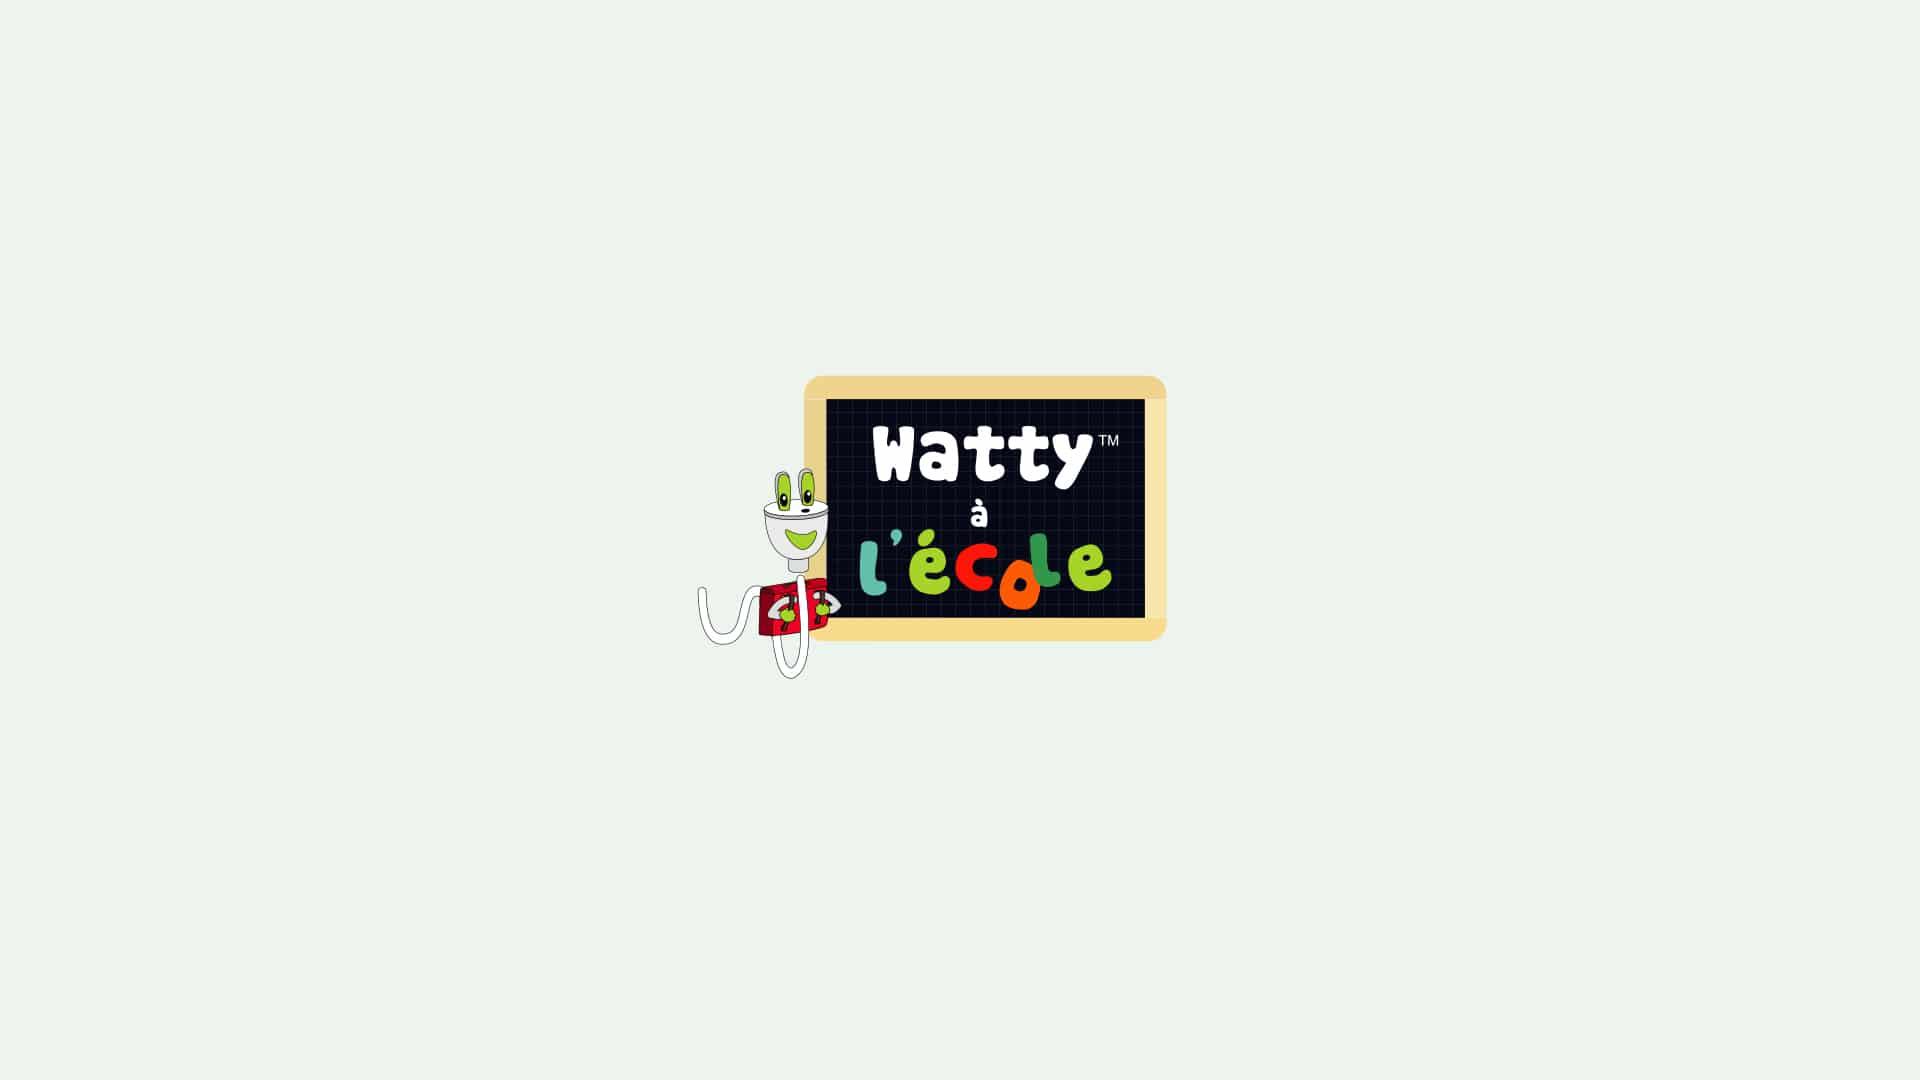 watty à l'école logo